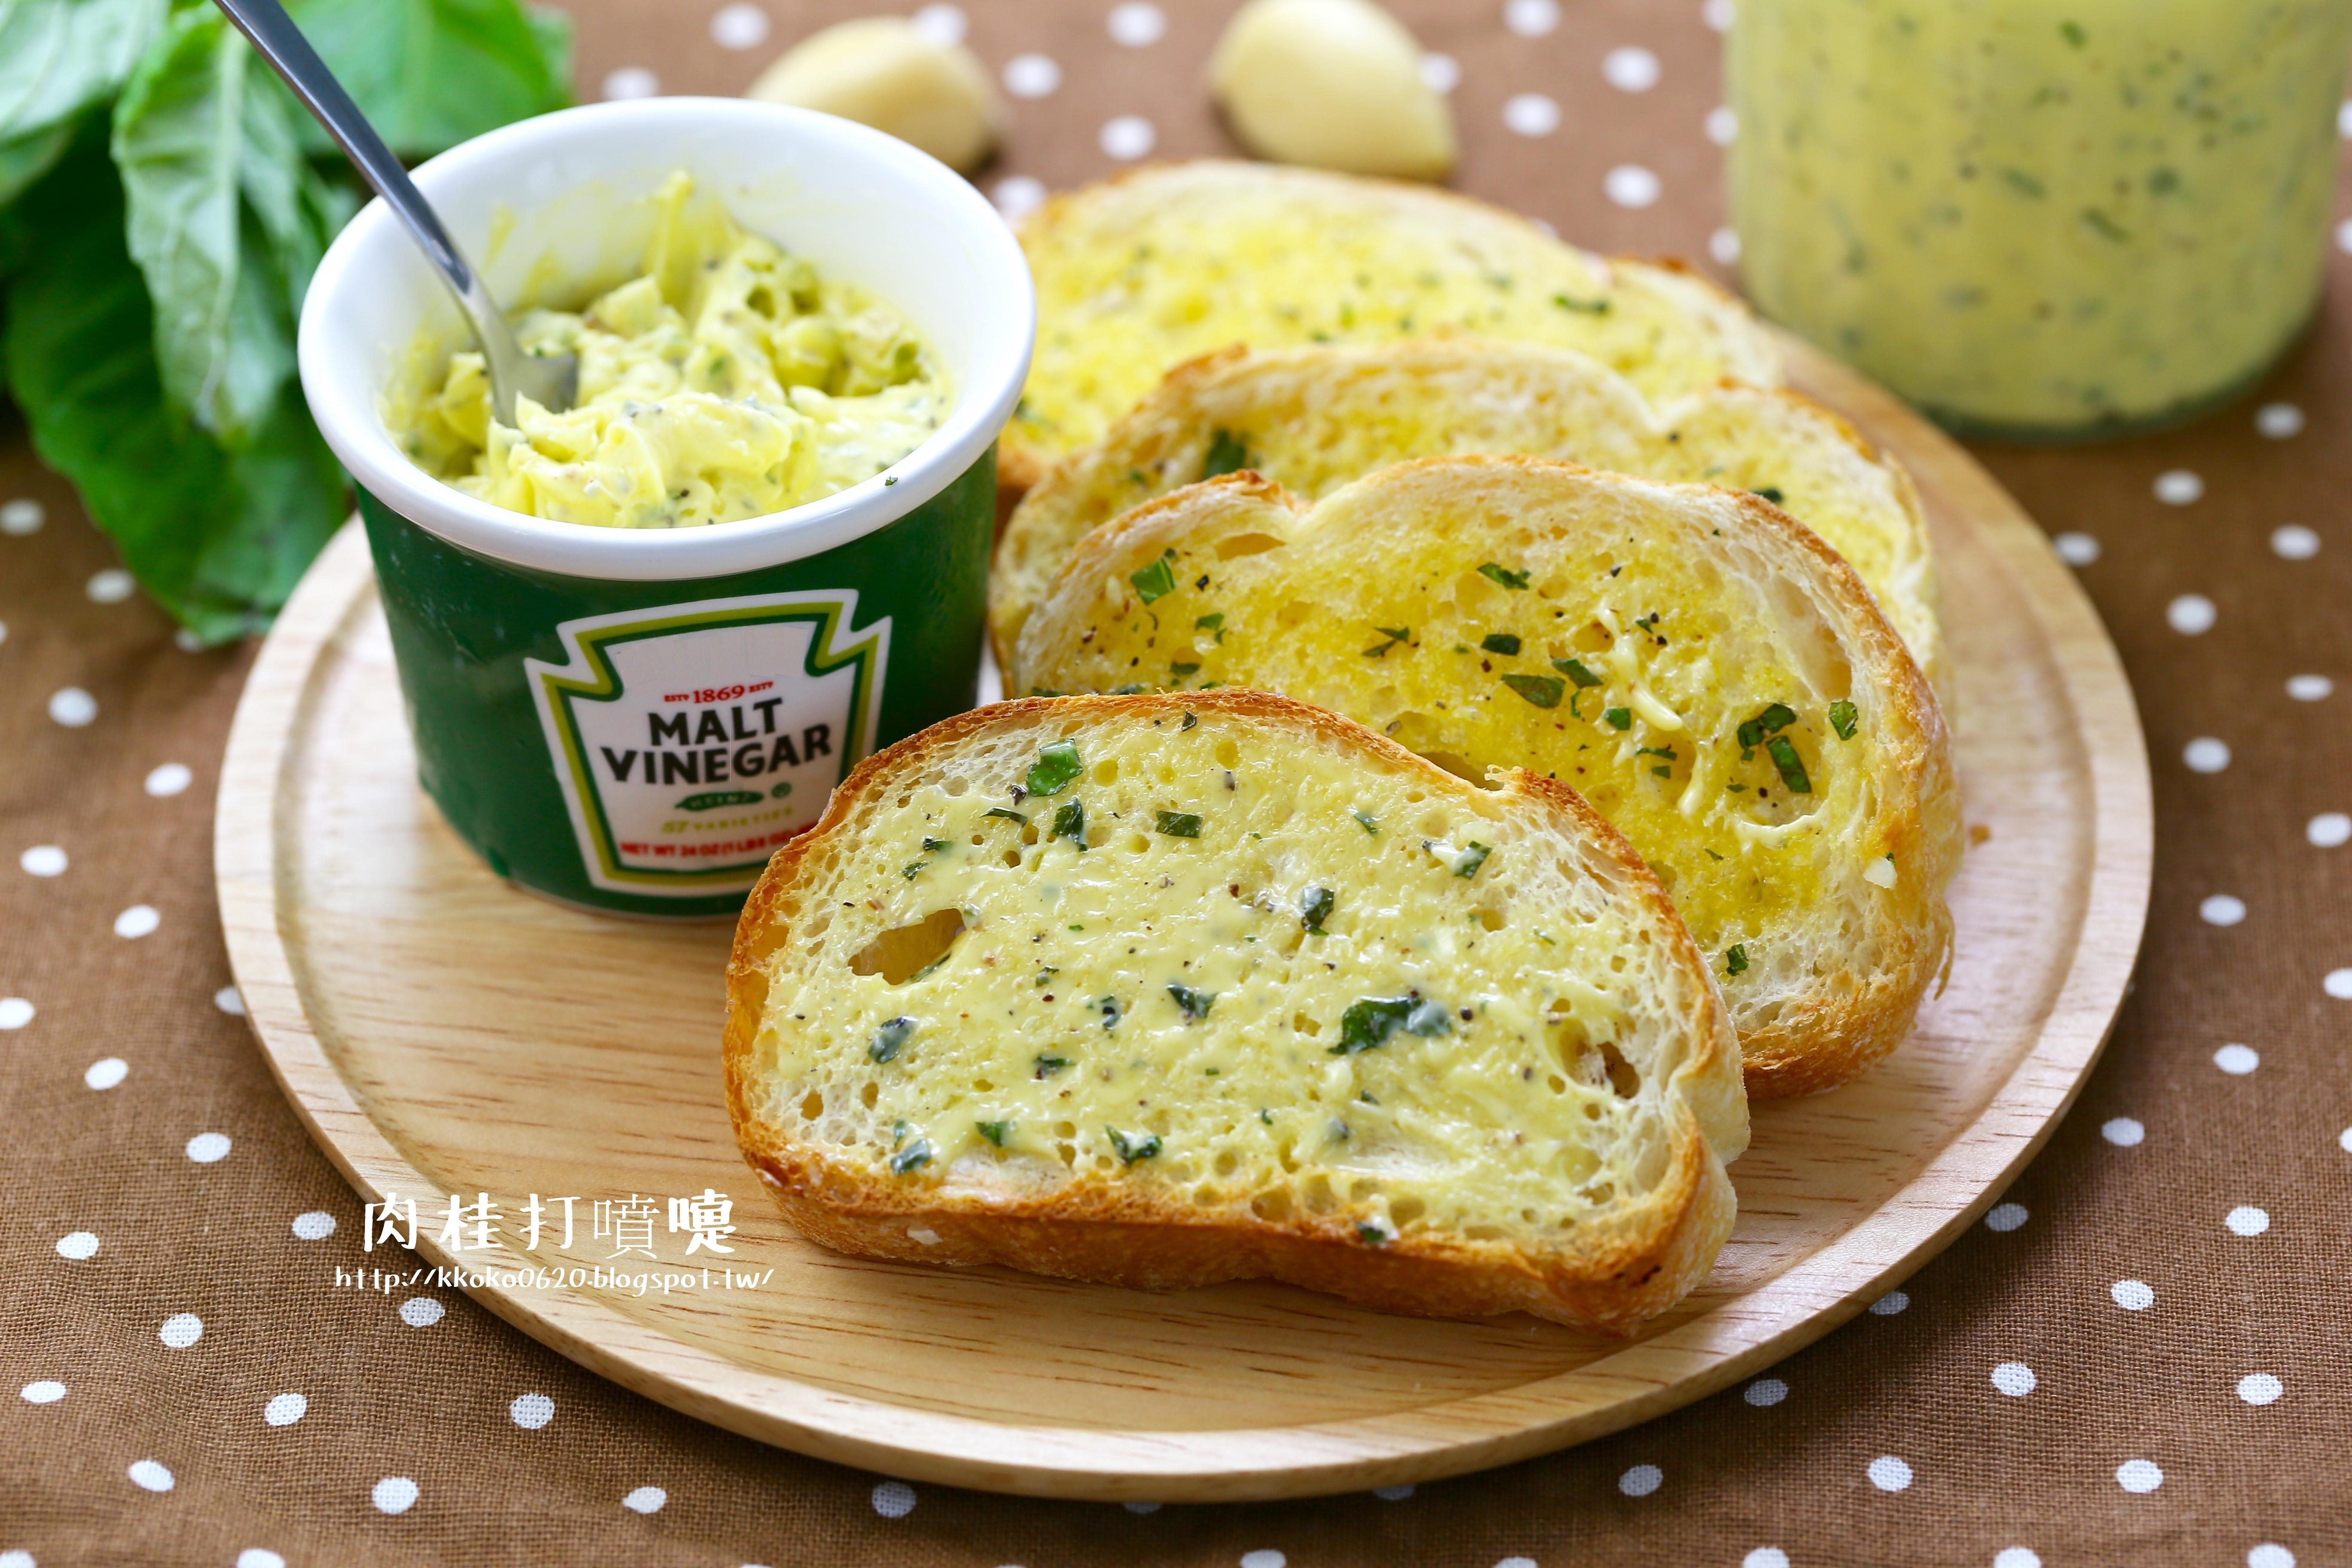 檸檬羅勒香蒜麵包